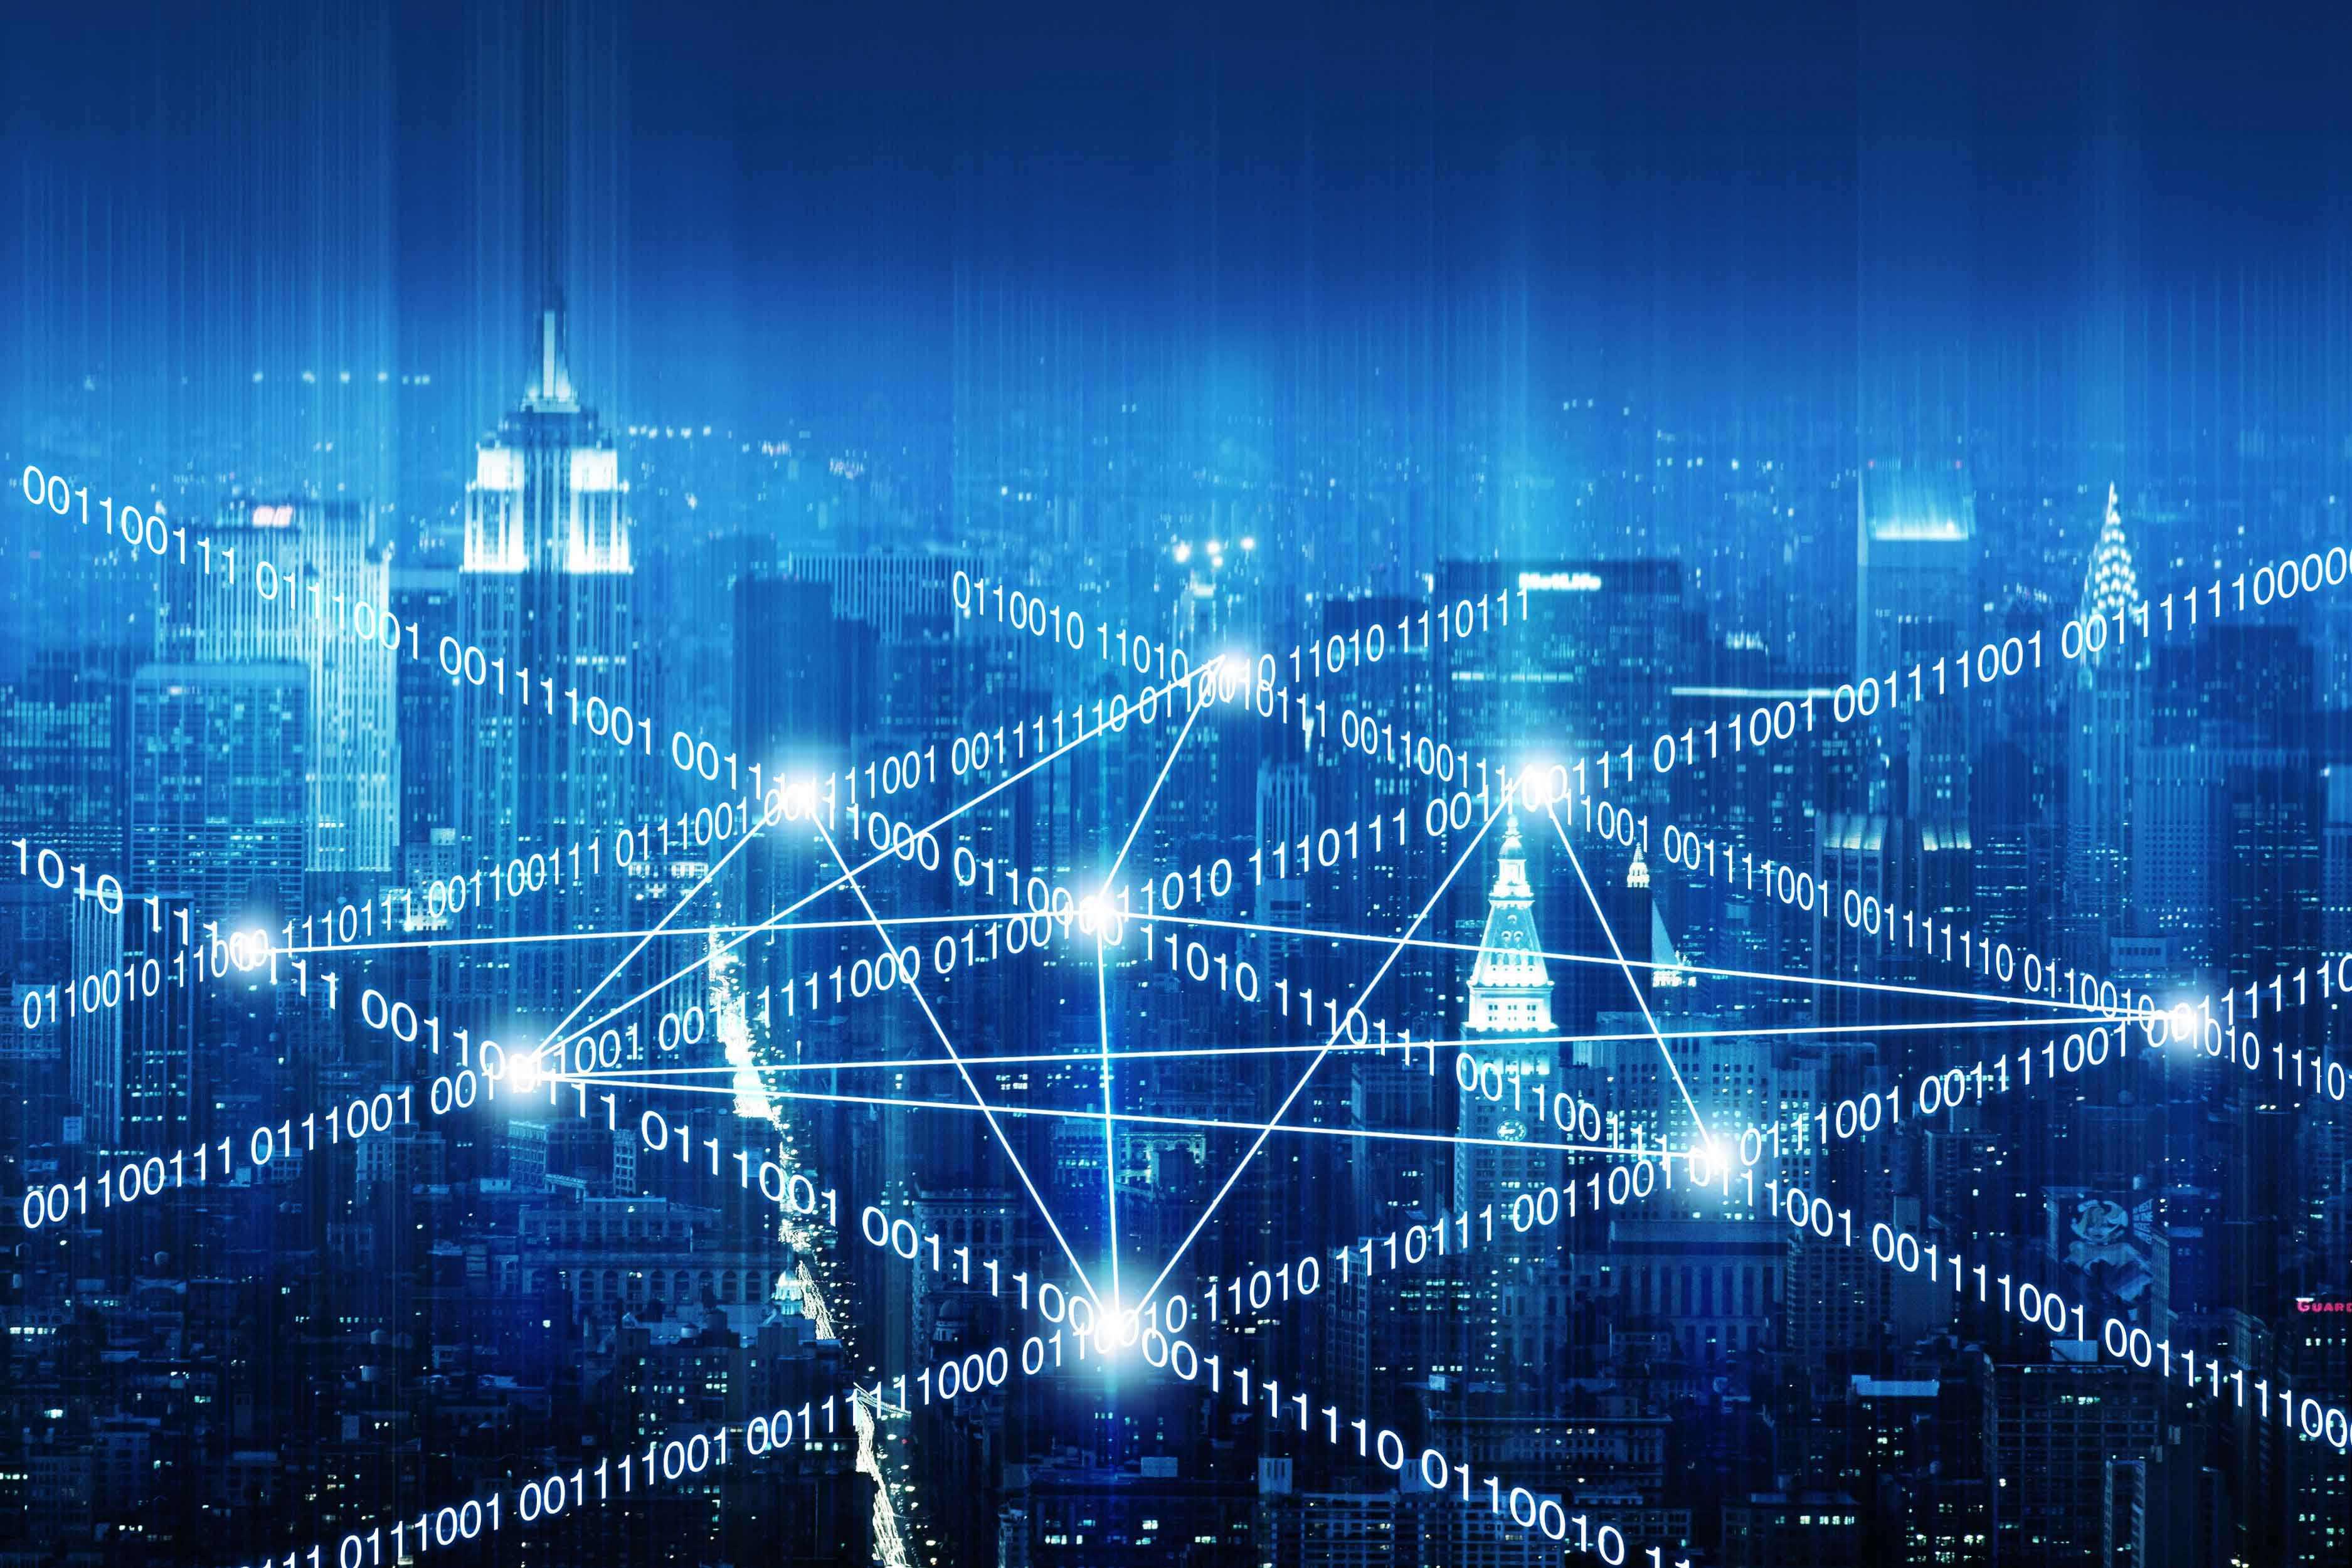 深圳将出台国内数据领域首部综合性立法 拟设公共数据共享负面清单制度